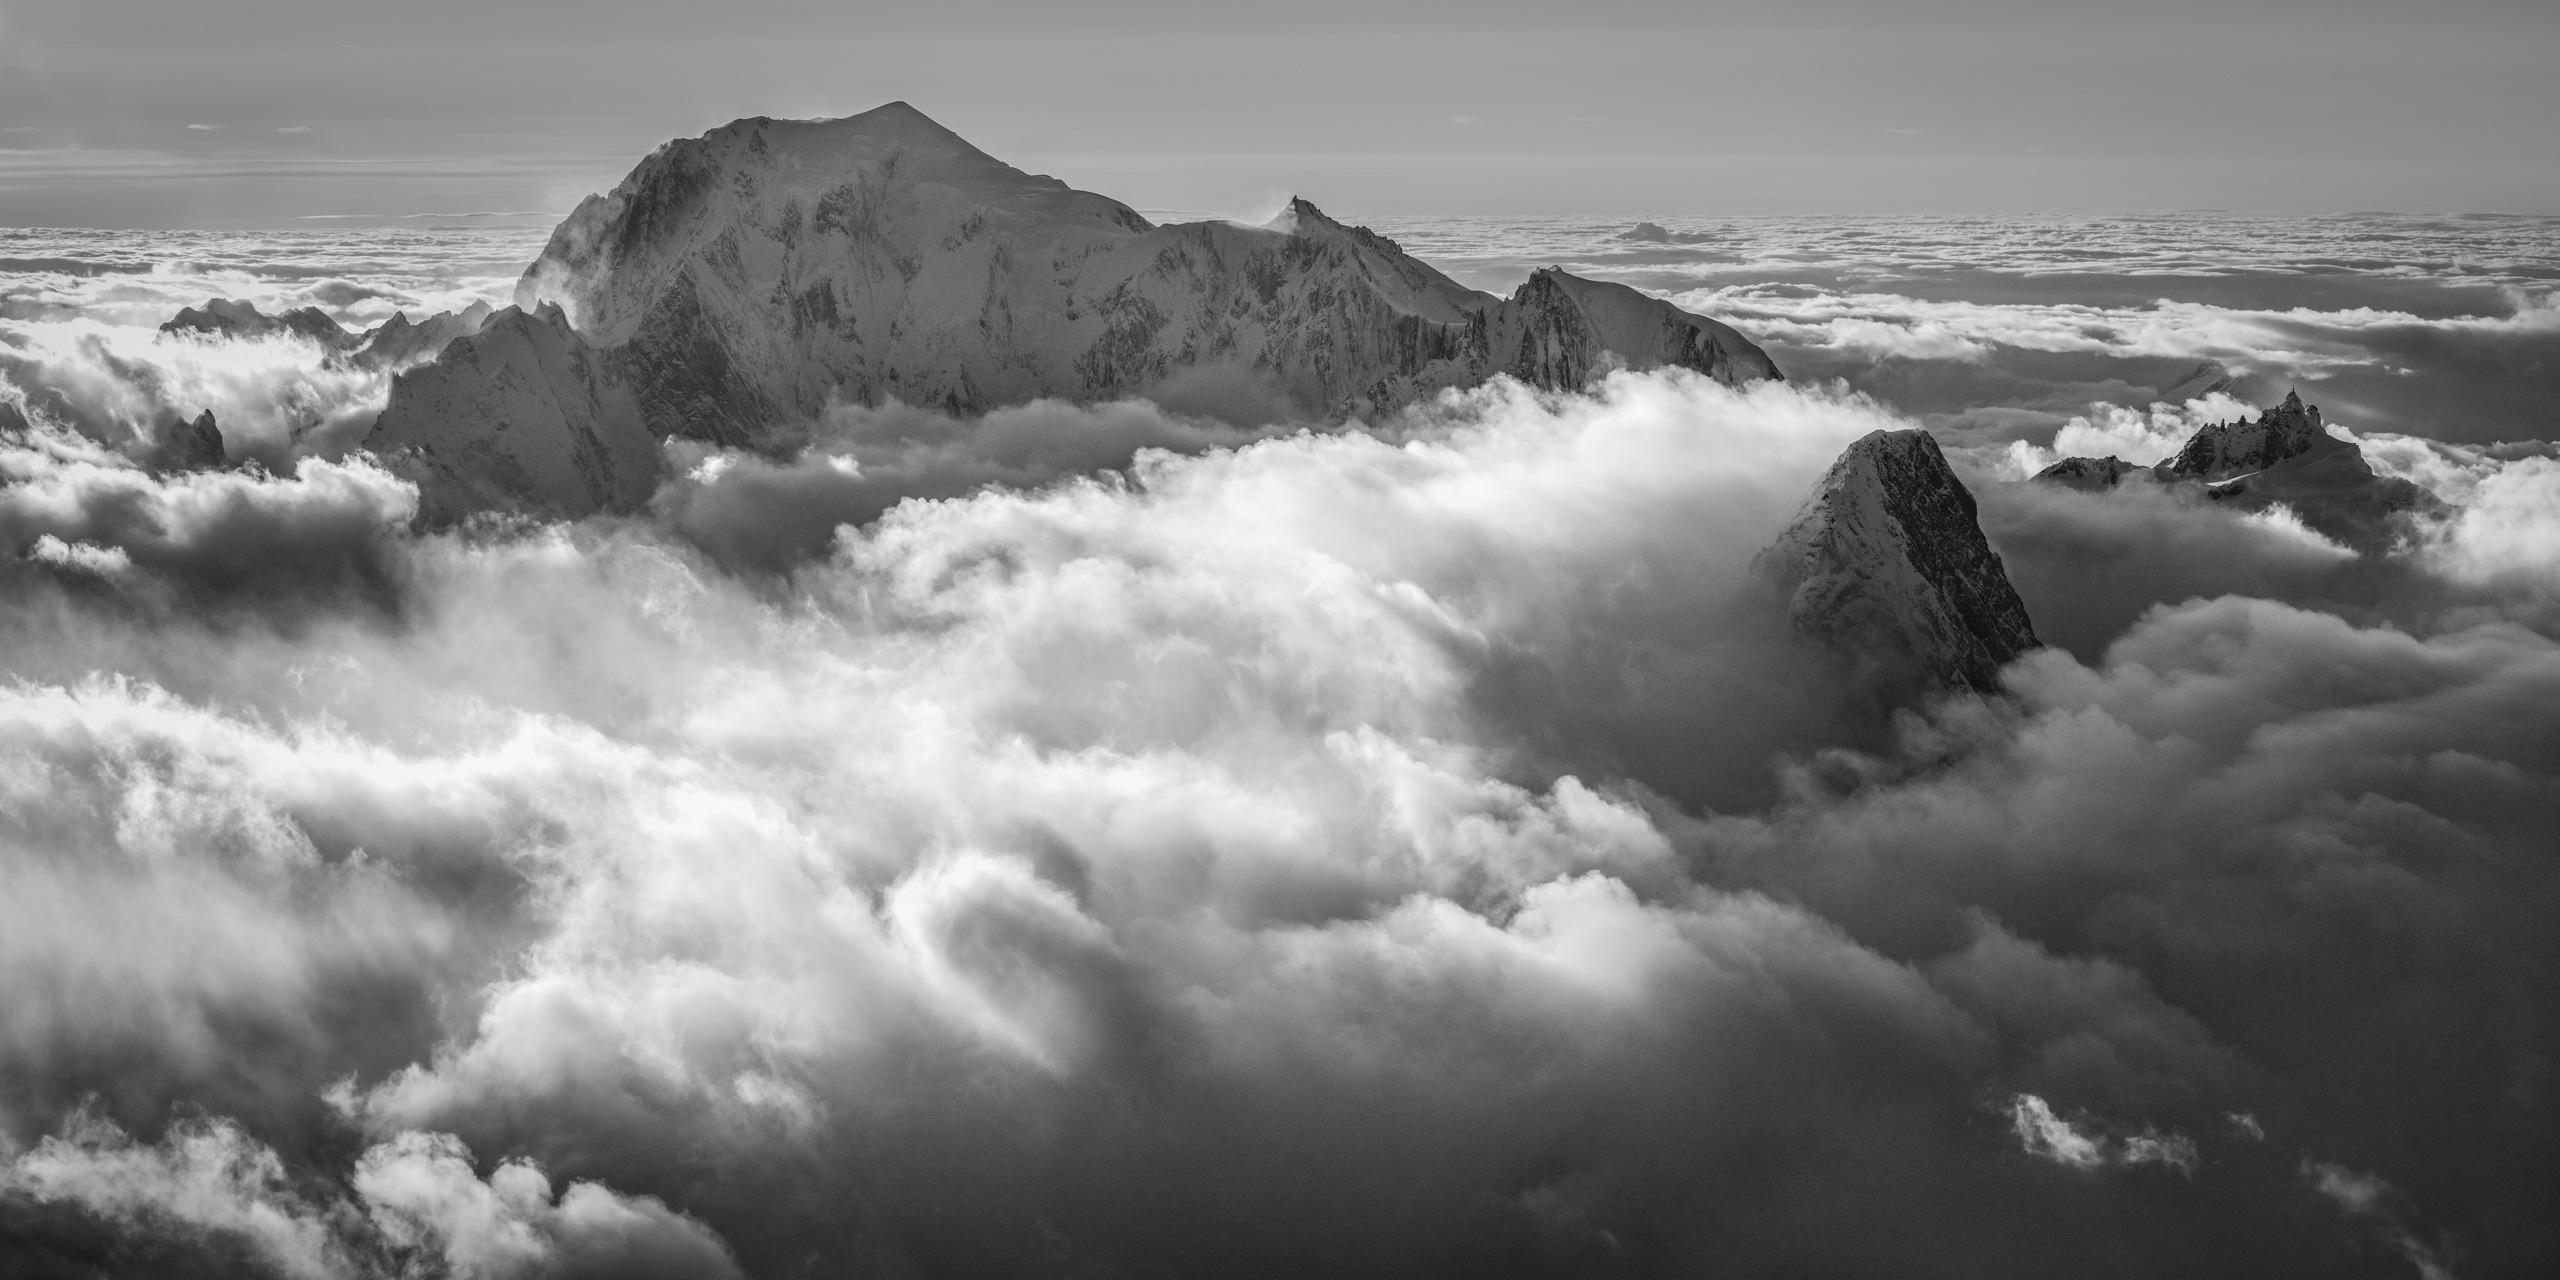 panorama mont-blanc aiguille du midi dans une mer de nuage - Photo zen Grandes Jorasses et l'Aiguille du Midi